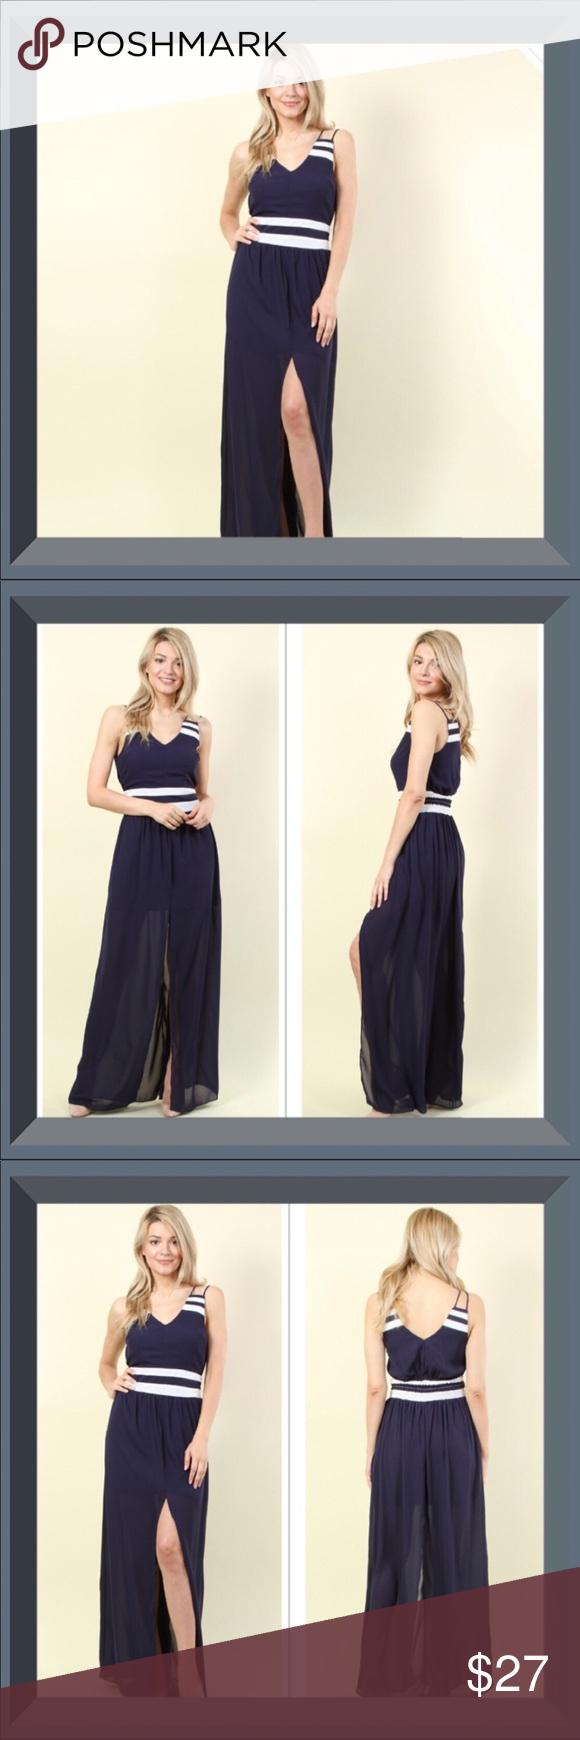 fb6642dd808 Slits and Stripes Maxi Dress Sawyer Slits   Stripes Maxi Dress Solid  chiffon center slit maxi